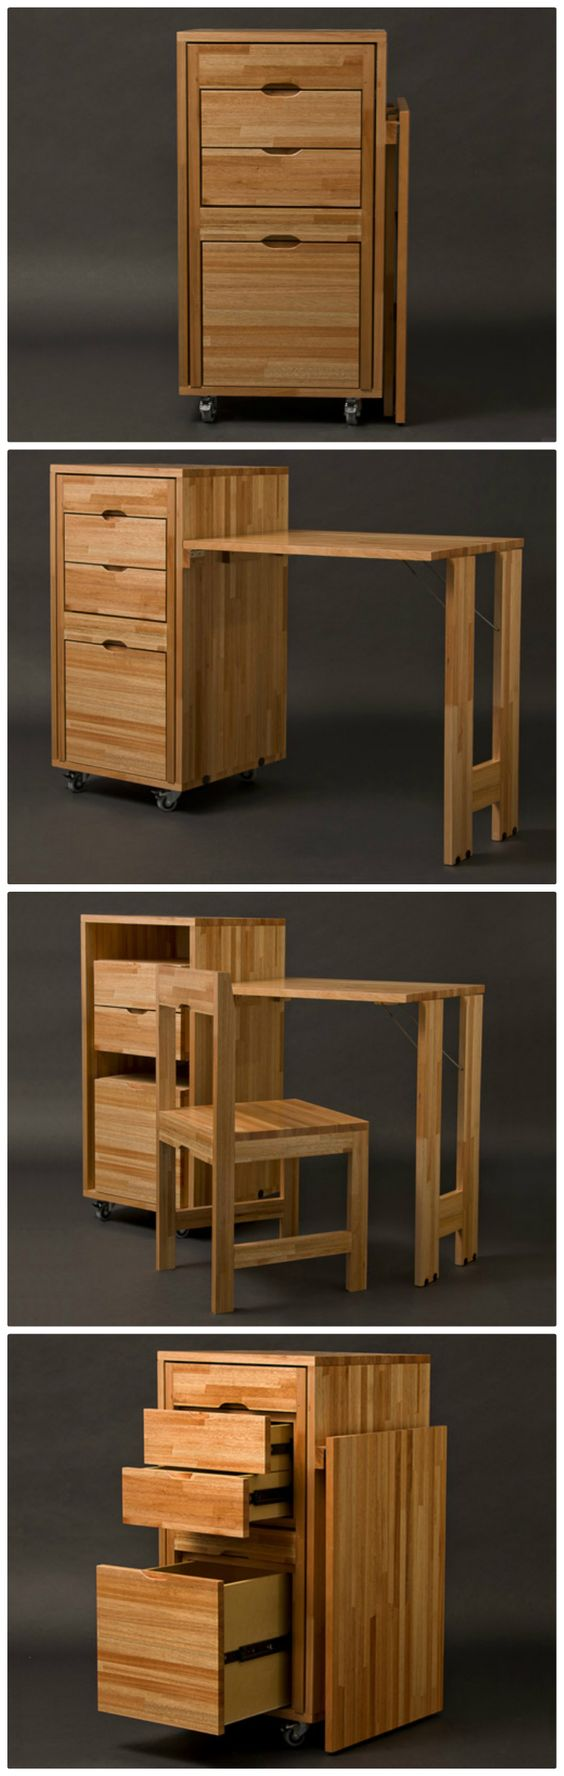 Estupendos y funcionales dise os de muebles para espacios for Muebles para espacios reducidos living